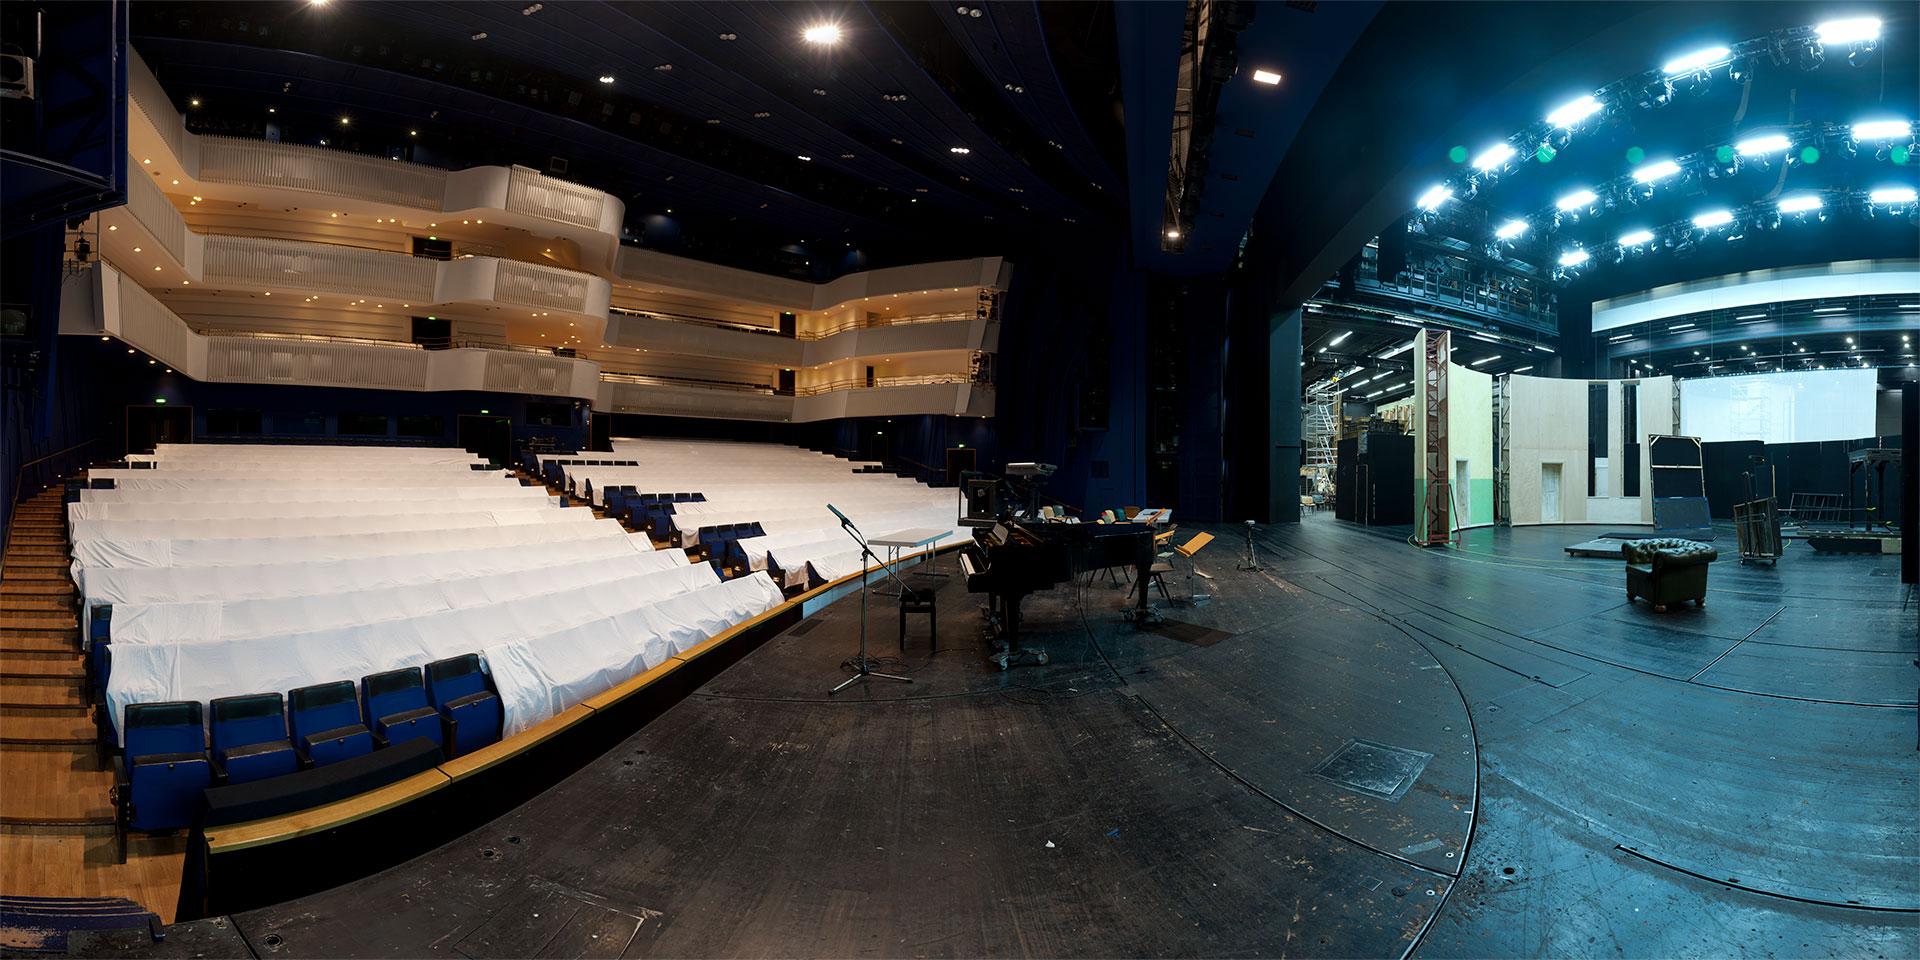 Aalto-Theater - Essen - Bühne und Zuschauerraum